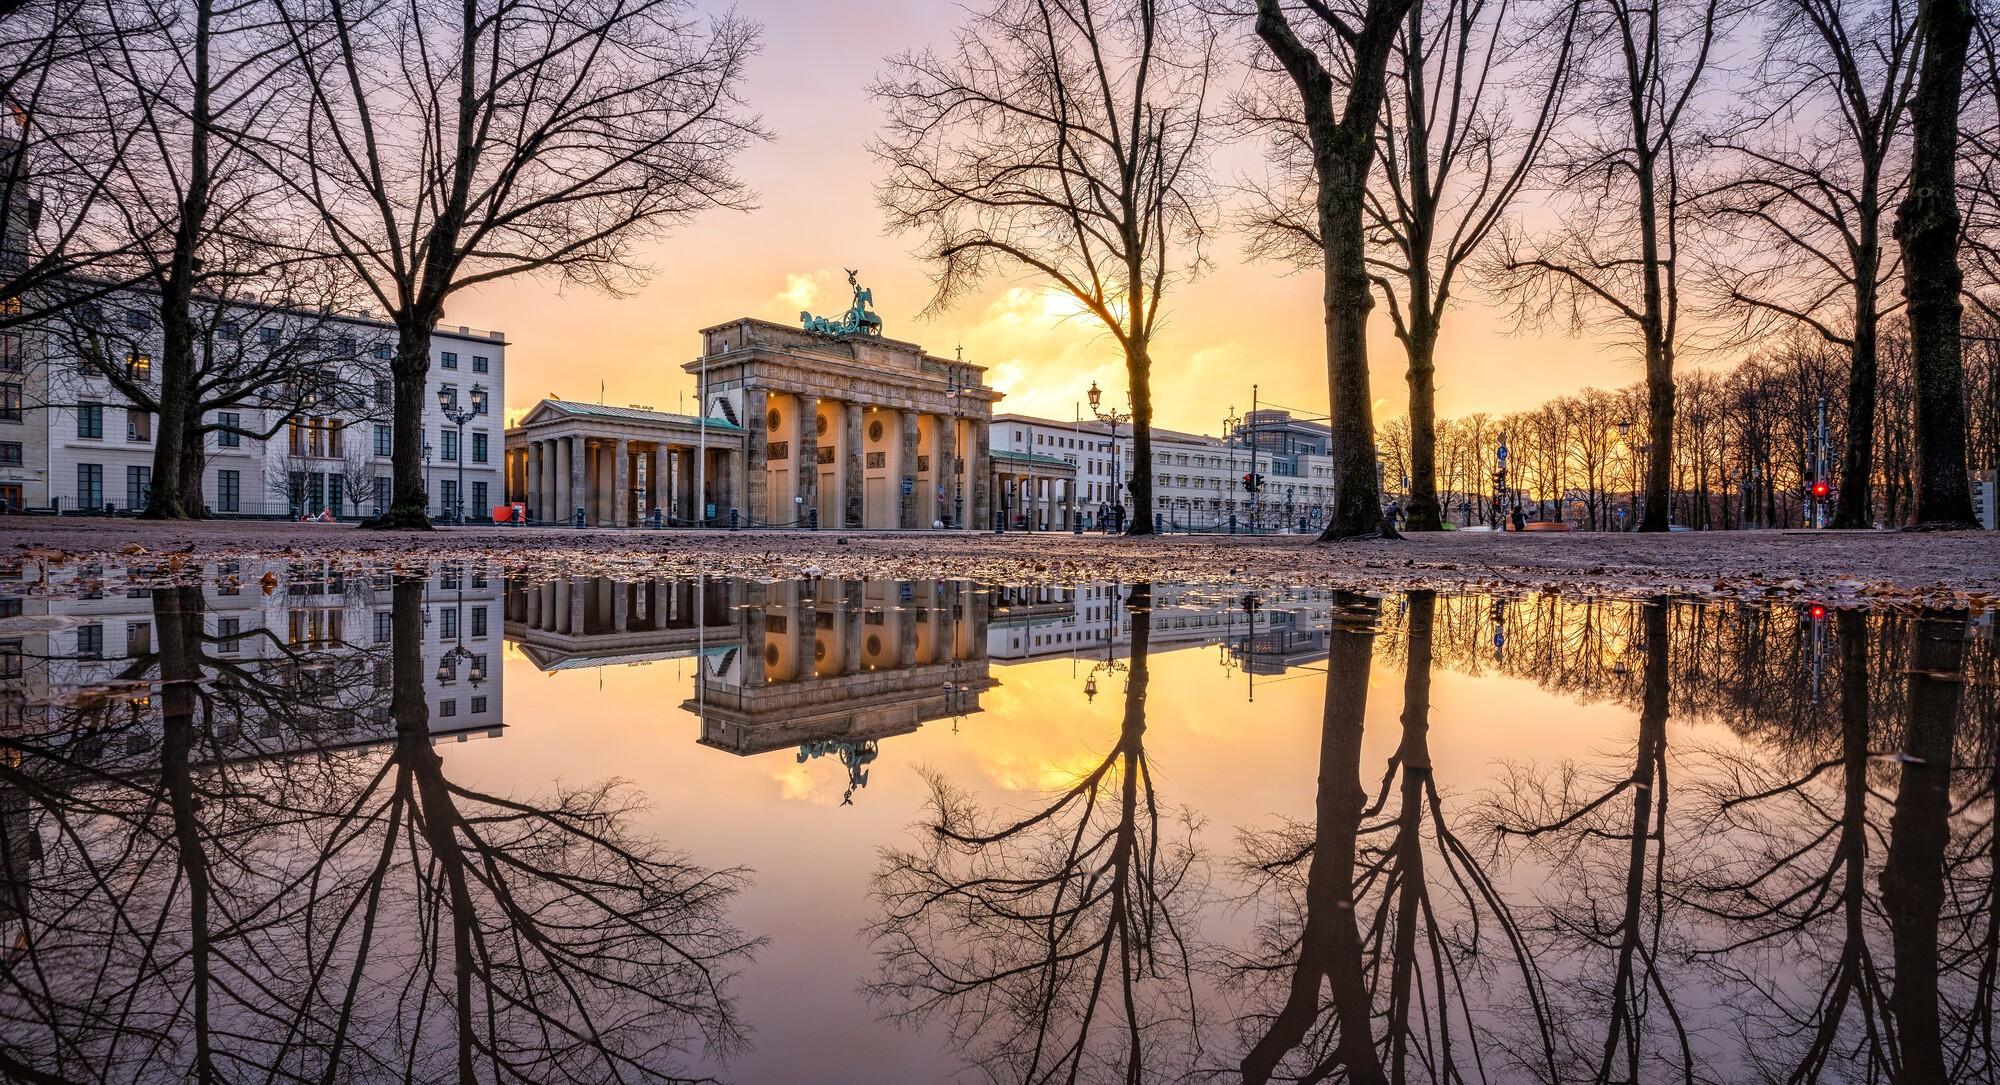 Winterabend in Berlin©eyetronic - stock.adobe.com